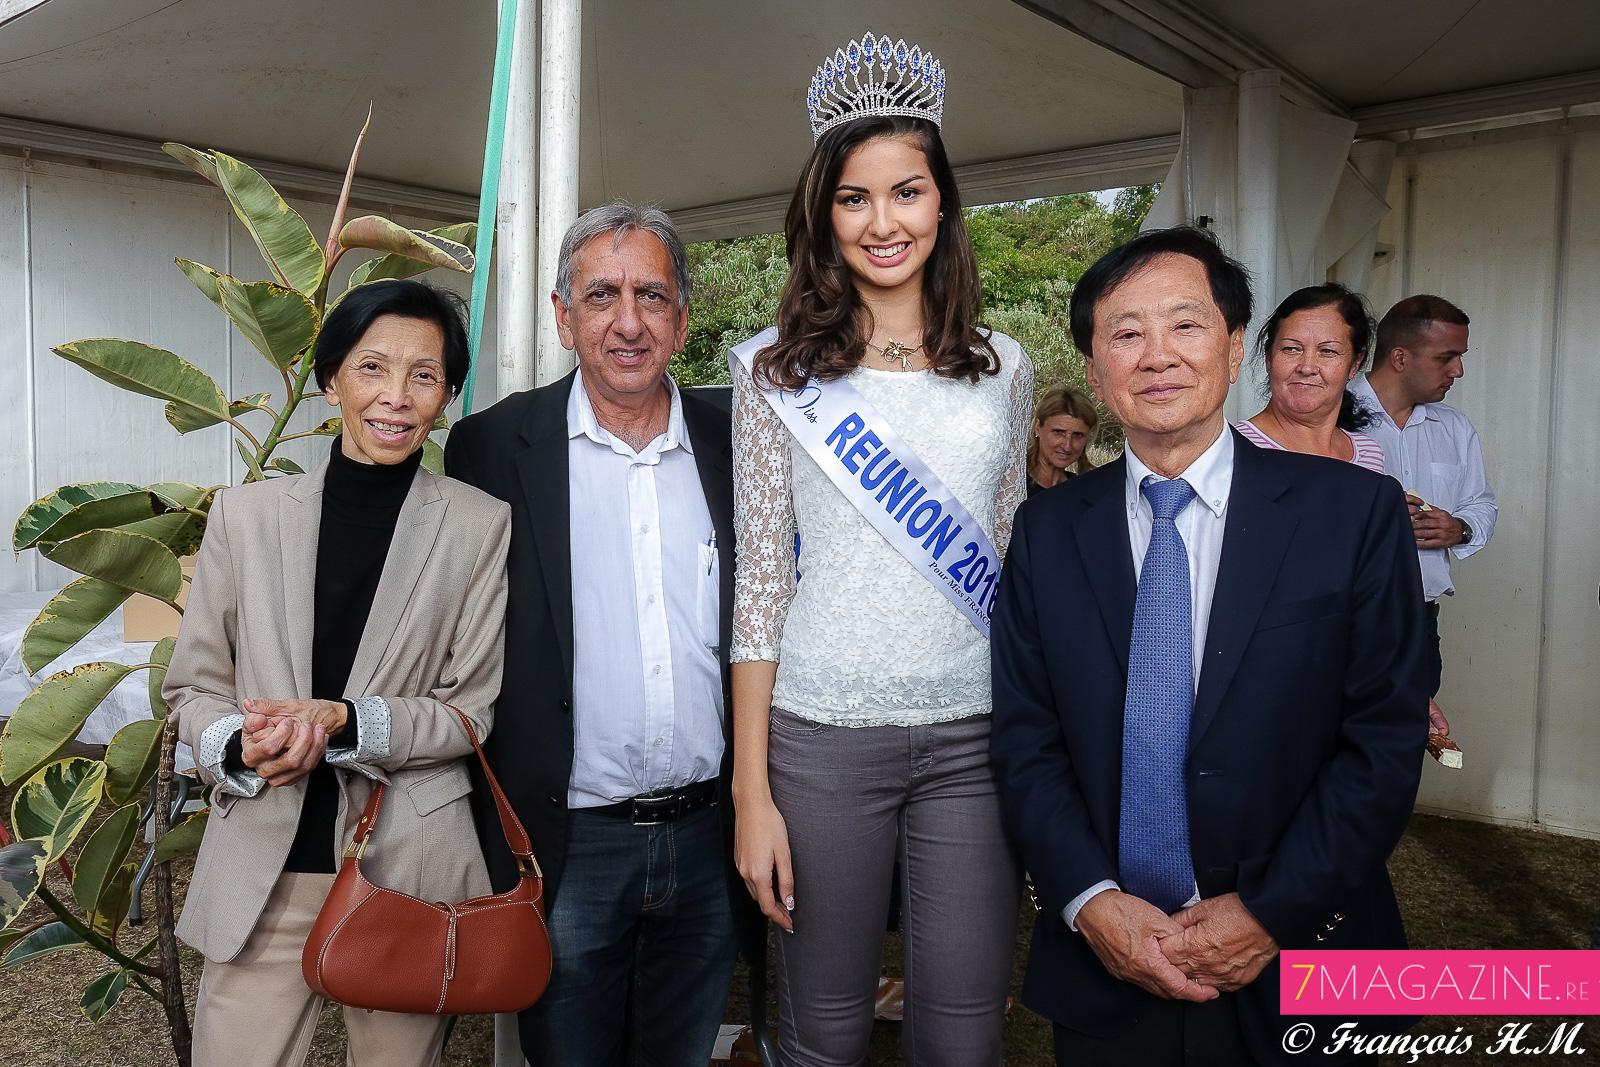 Reine-Marie et André Thien Ah Koon avec Aziz Patel et Ambre N'guyen